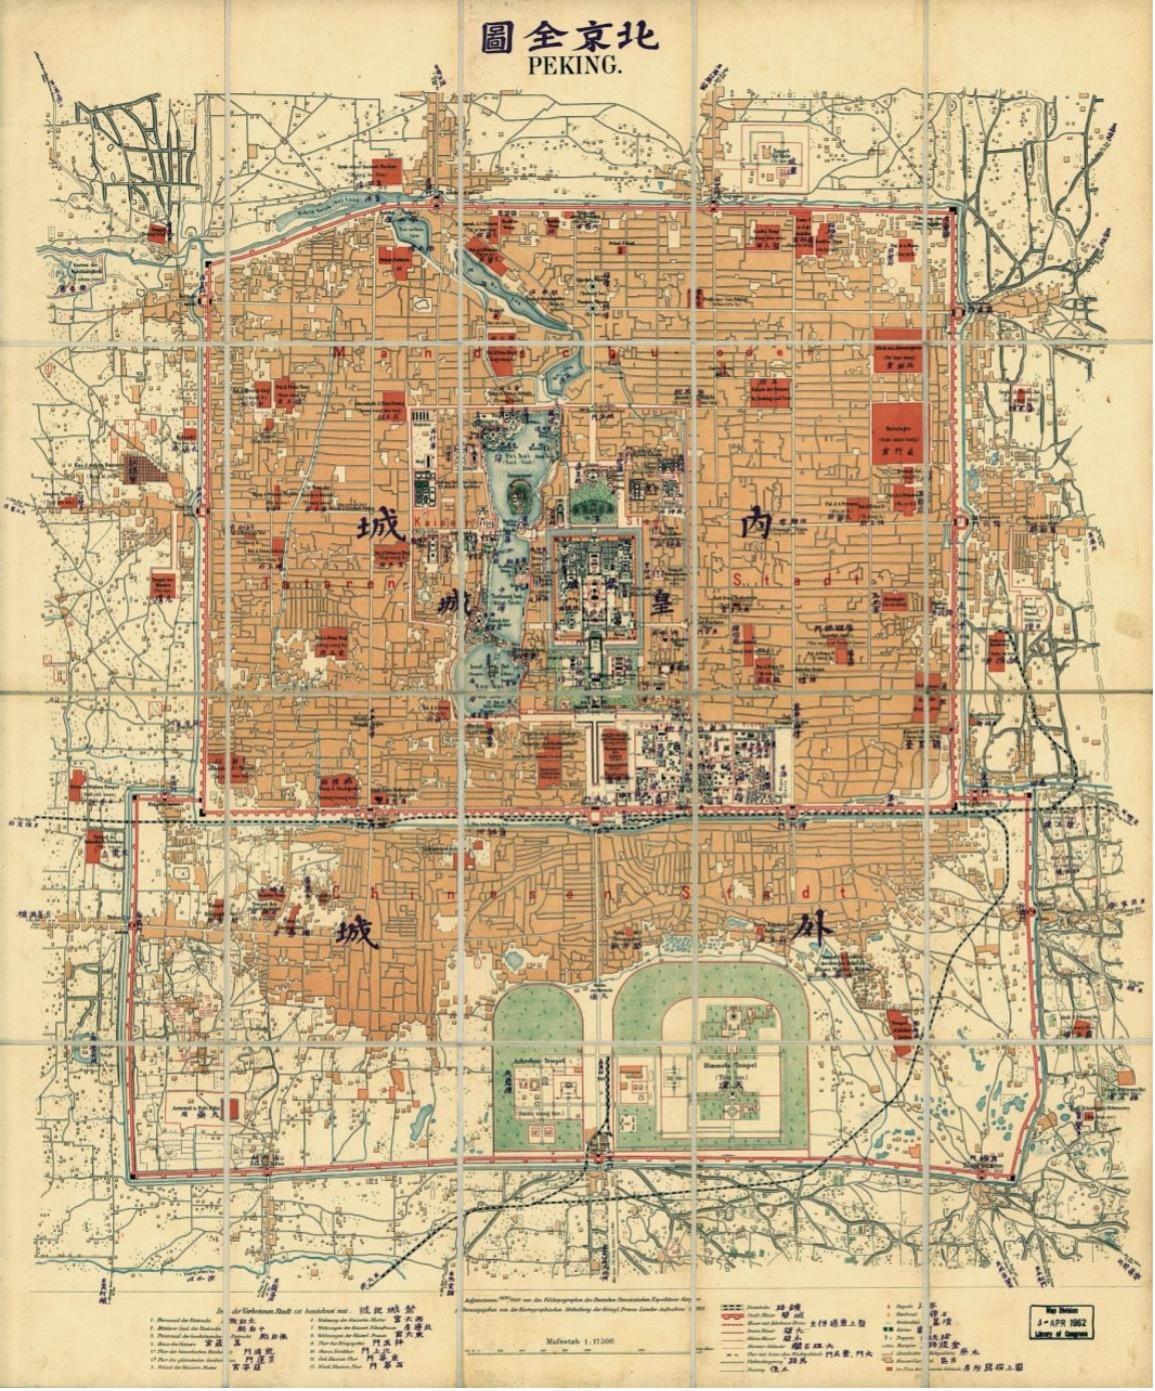 制作于1900-1901年间的北京全图。《京城印记》插图。